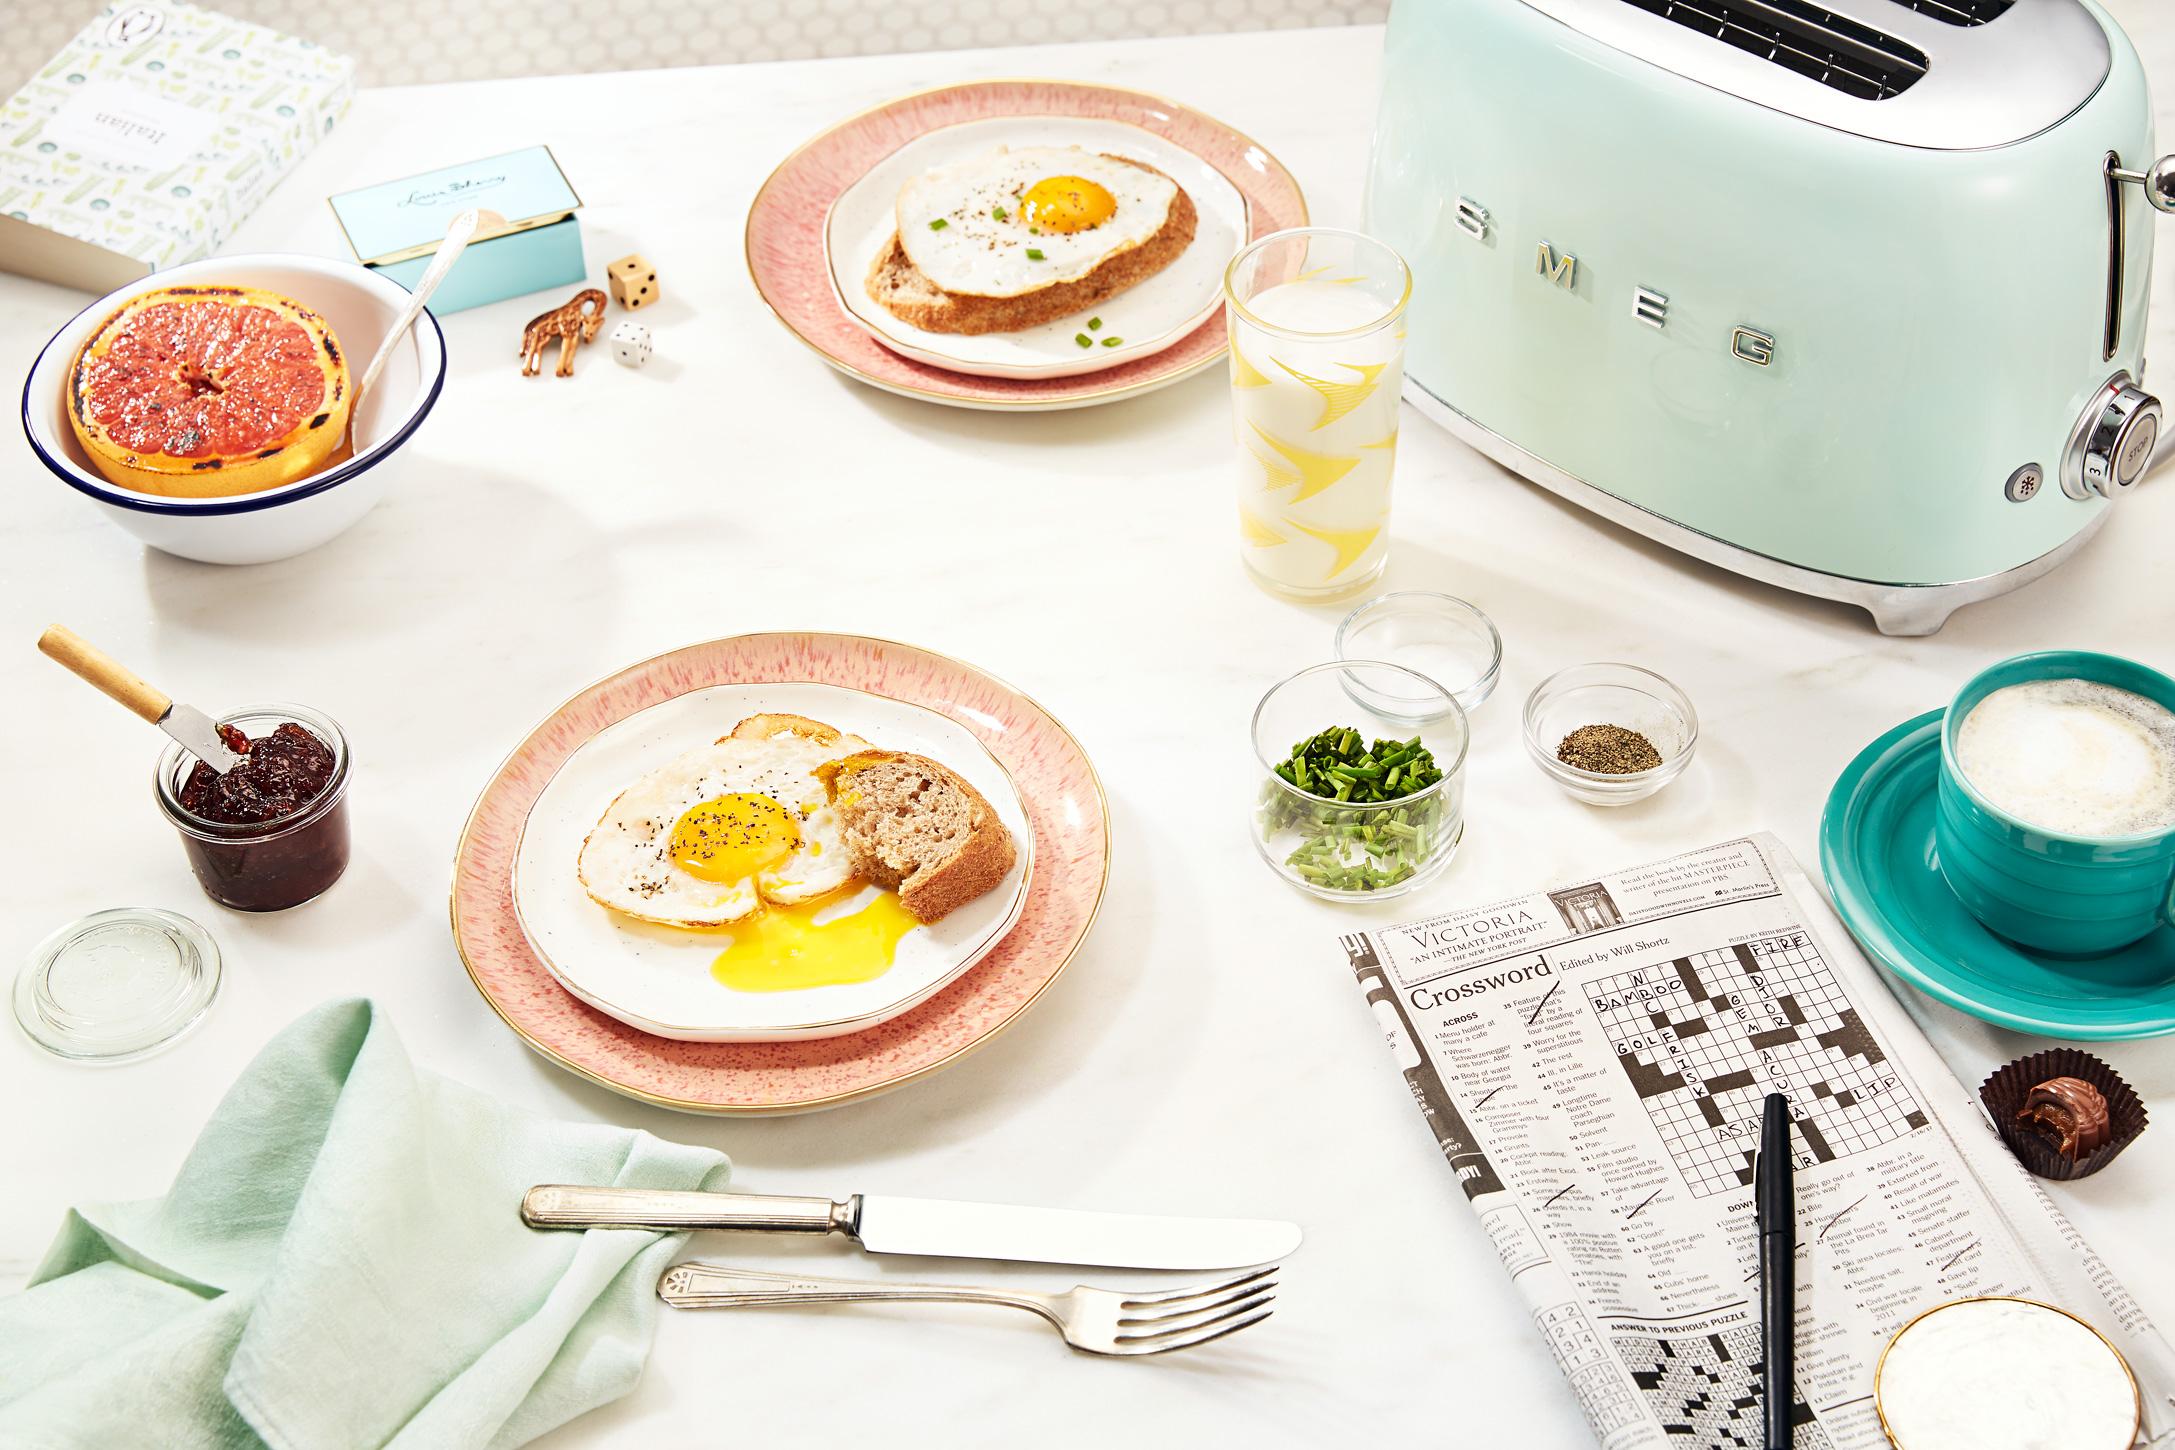 170216-AG-BreakfastTest18514-new.jpg